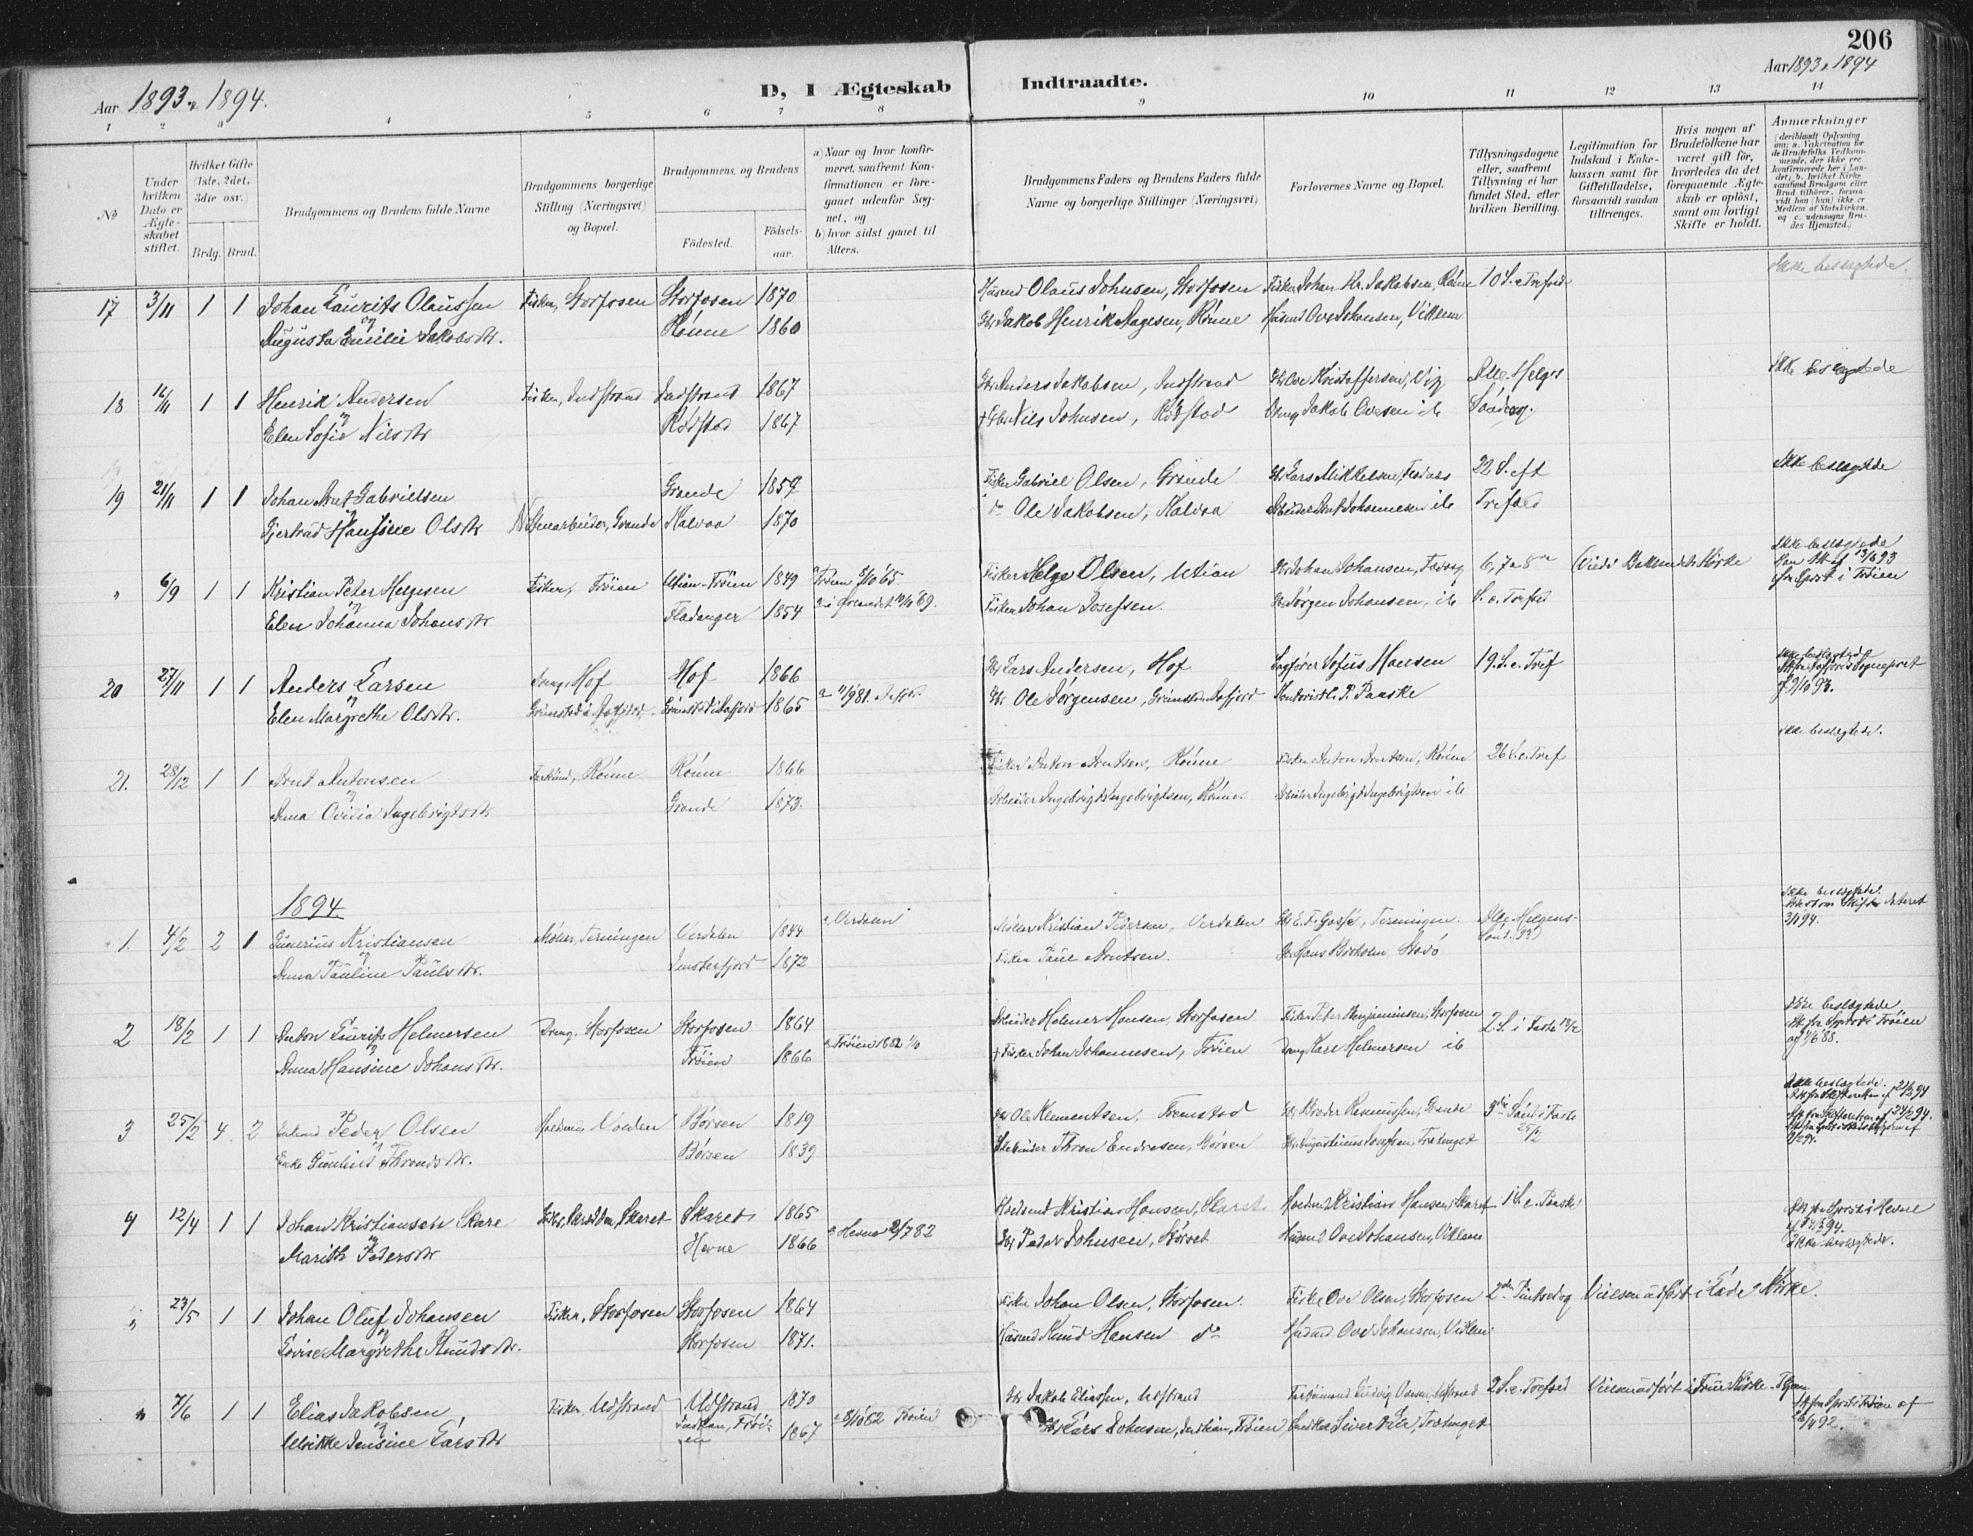 SAT, Ministerialprotokoller, klokkerbøker og fødselsregistre - Sør-Trøndelag, 659/L0743: Ministerialbok nr. 659A13, 1893-1910, s. 206